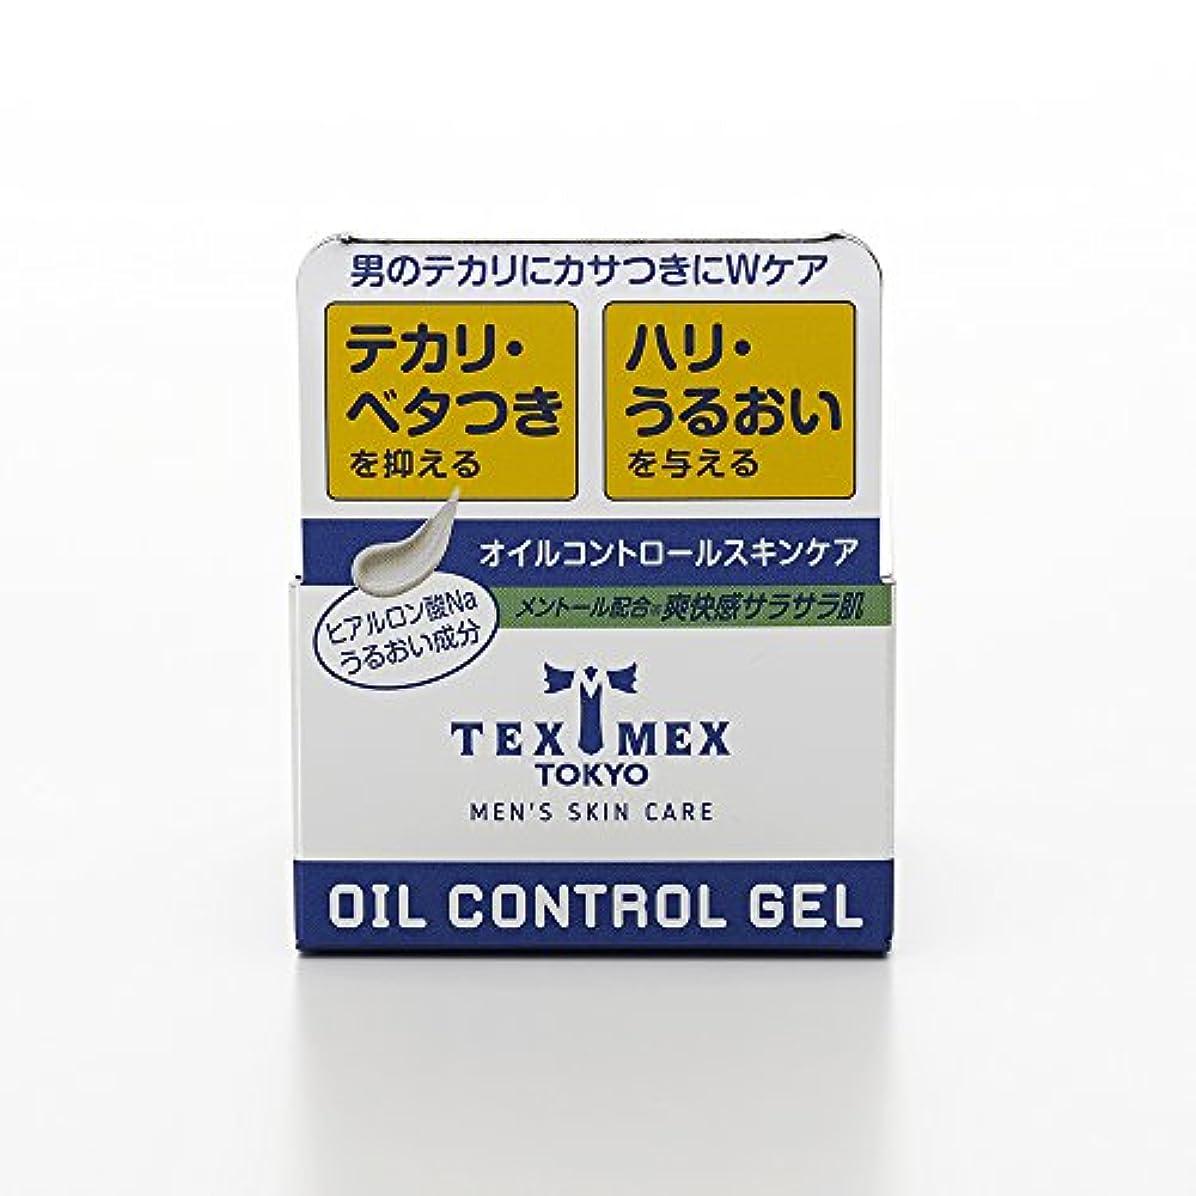 嫌悪不足キュービックテックスメックス オイルコントロールジェル 24g (テカリ防止ジェル) 【塗るだけでサラサラ肌に】